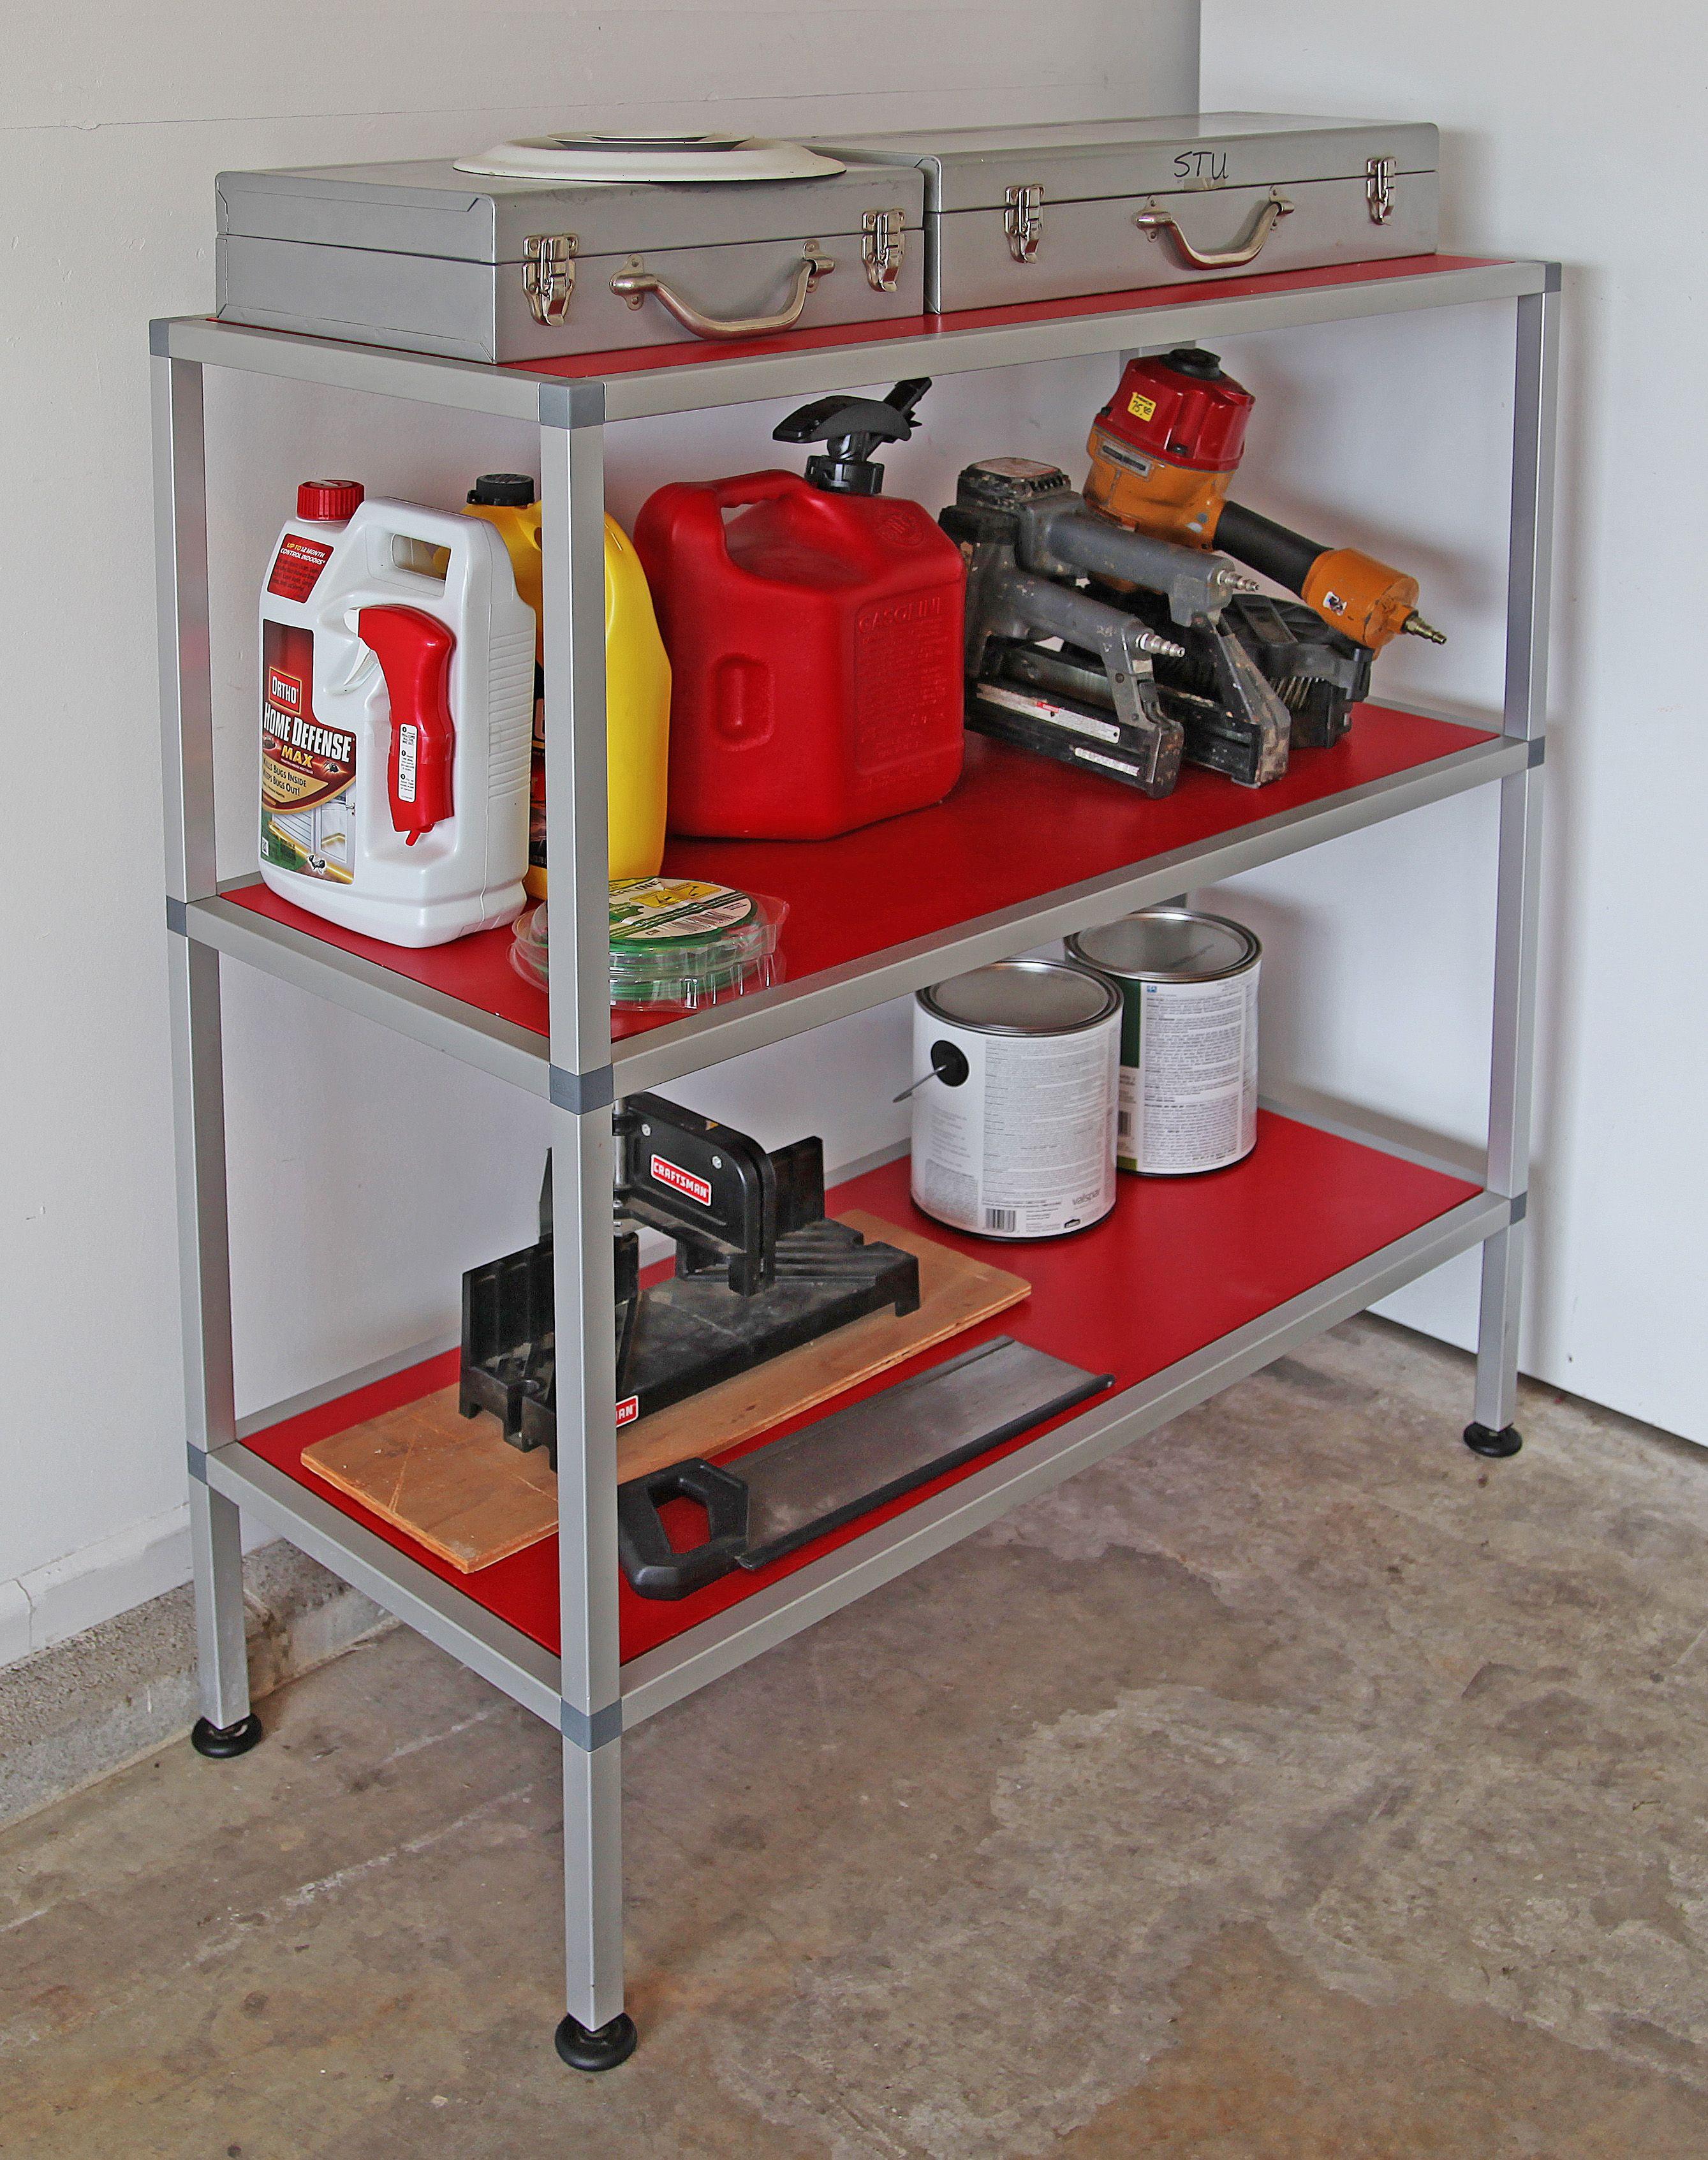 unit basement shelf id garage or for gargantuan shelving